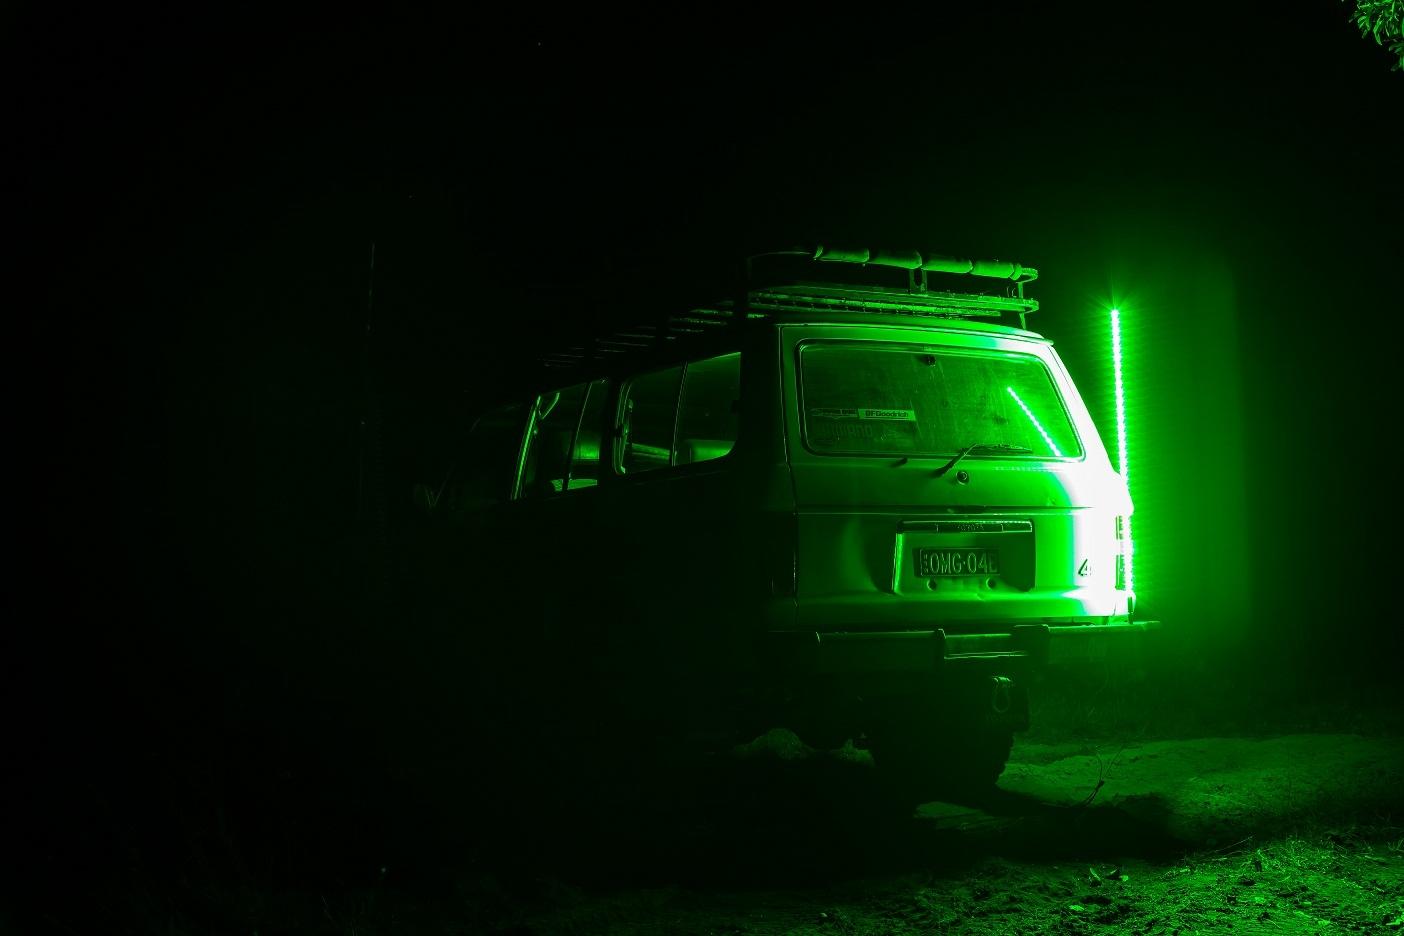 LED Whip Antenna